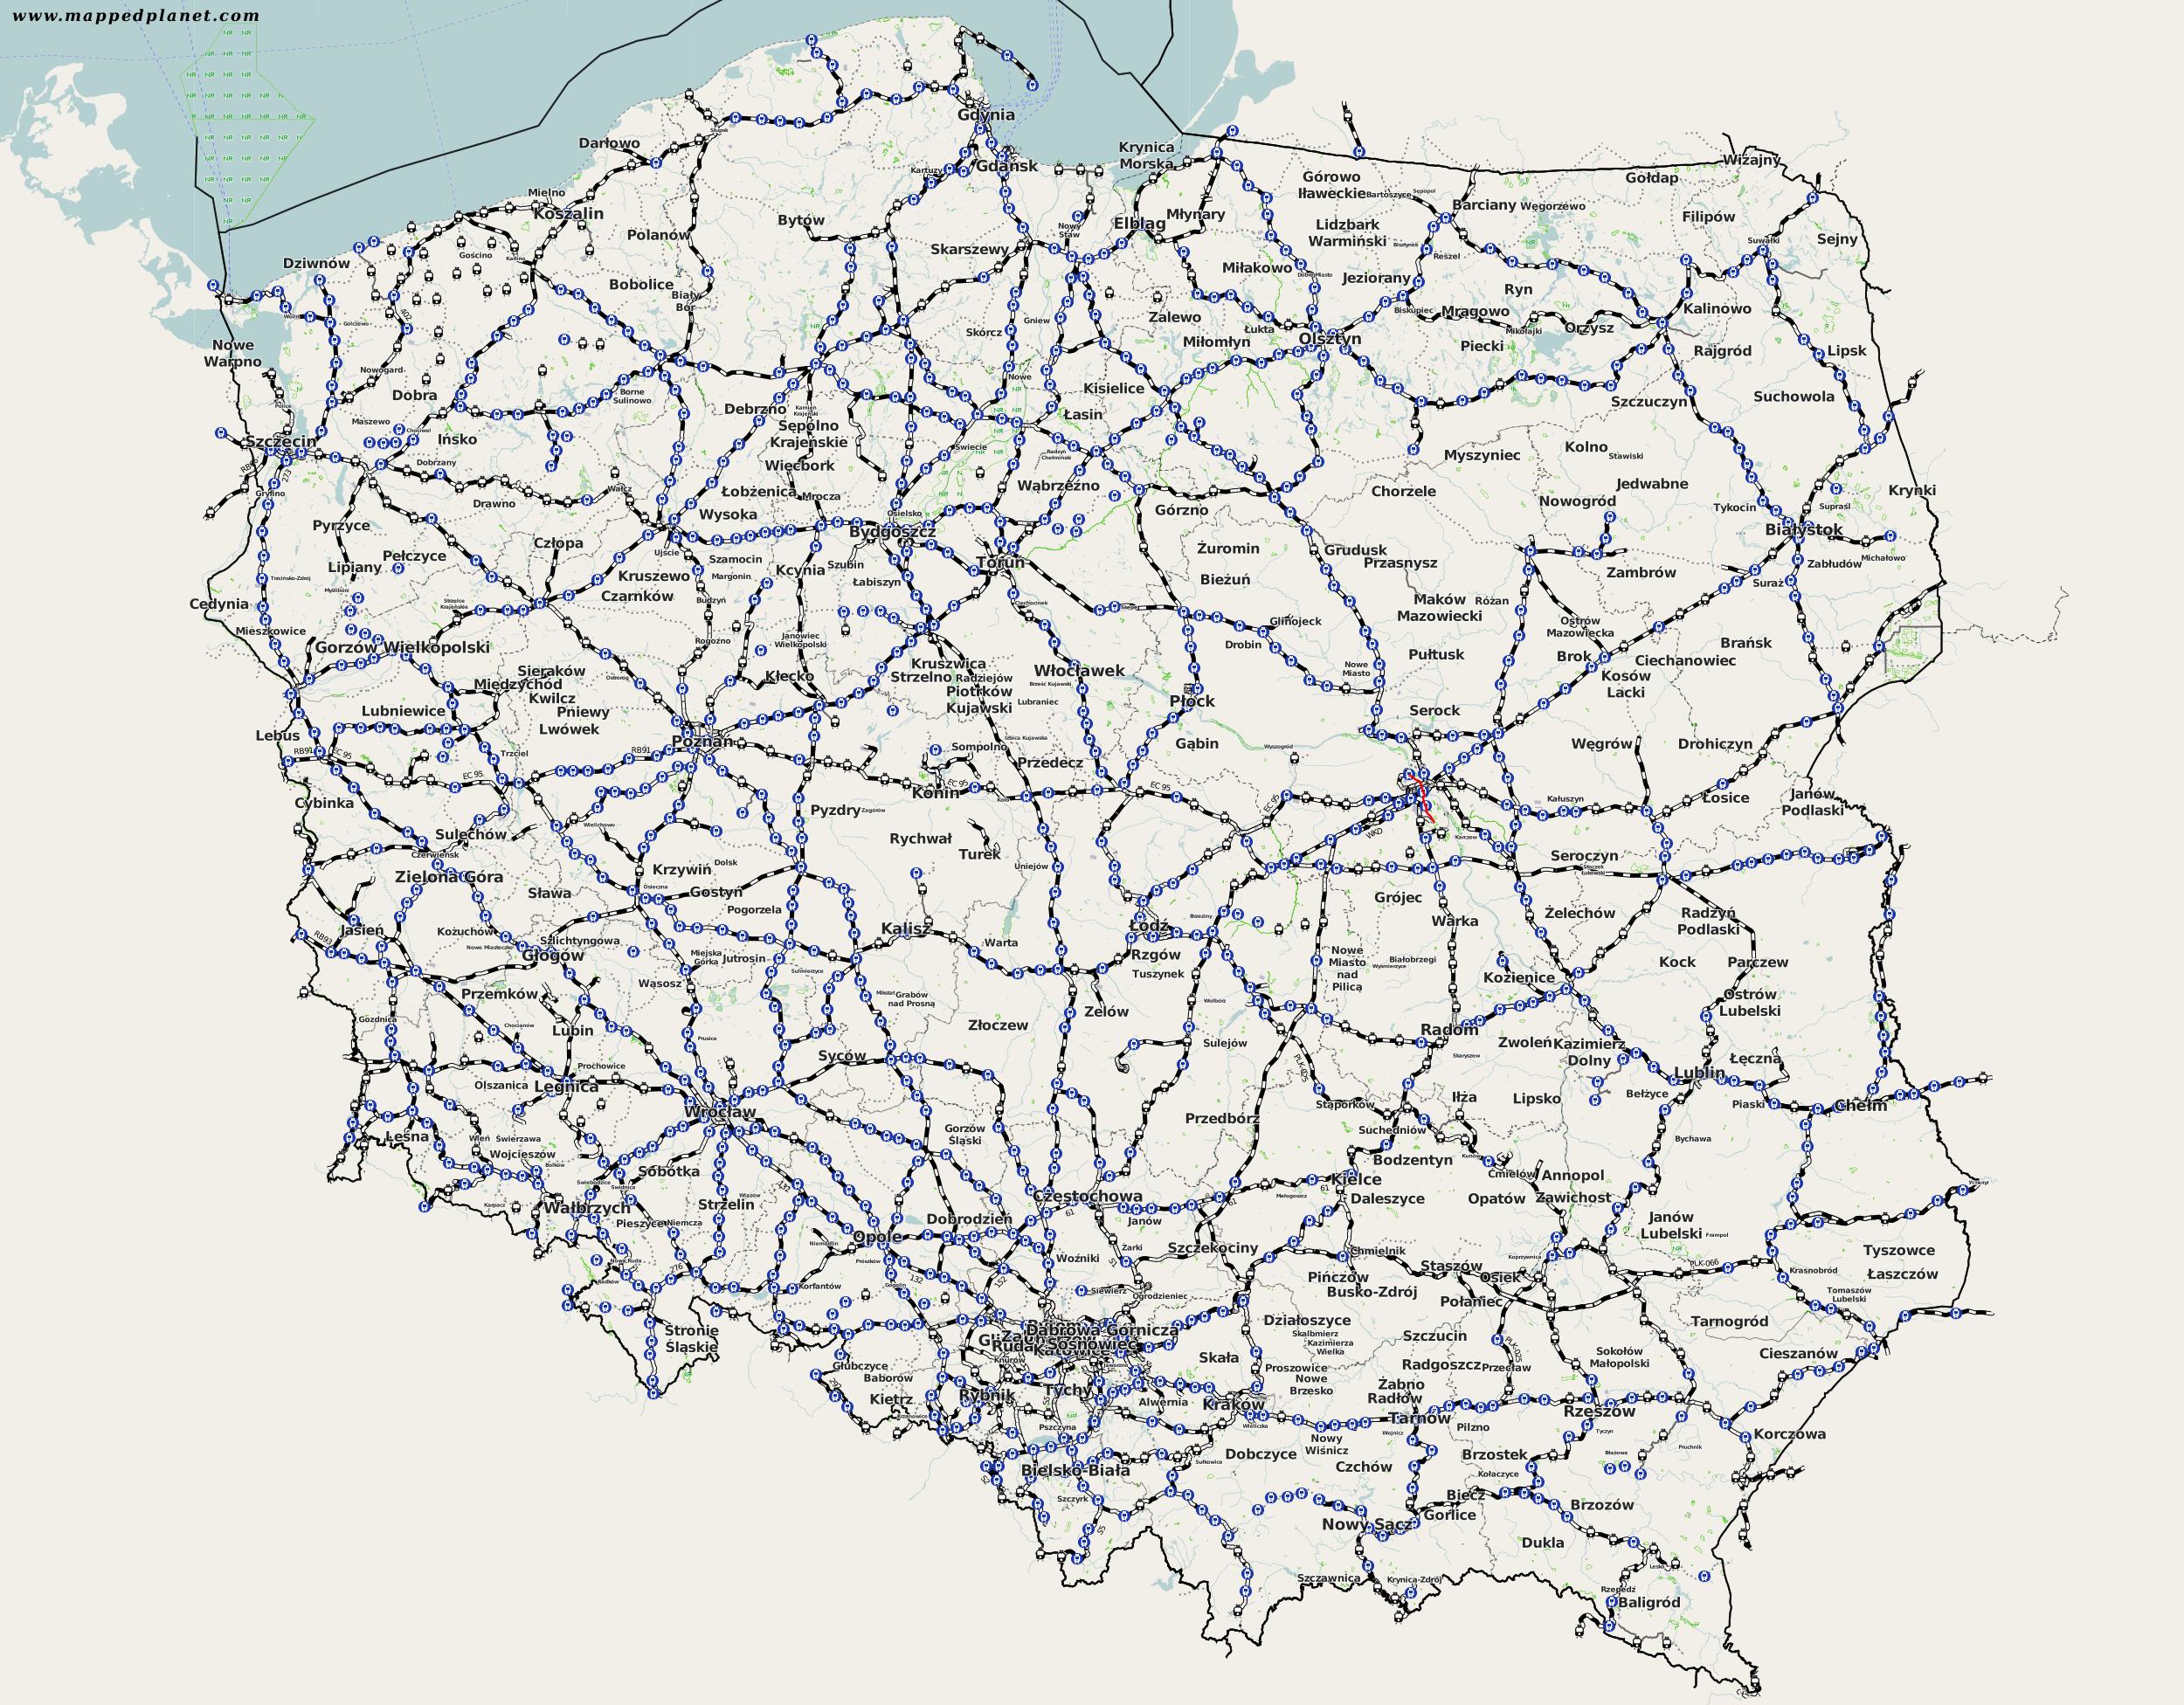 Rautatiet Puola Kartta Verkkosivuilla Valokuvia